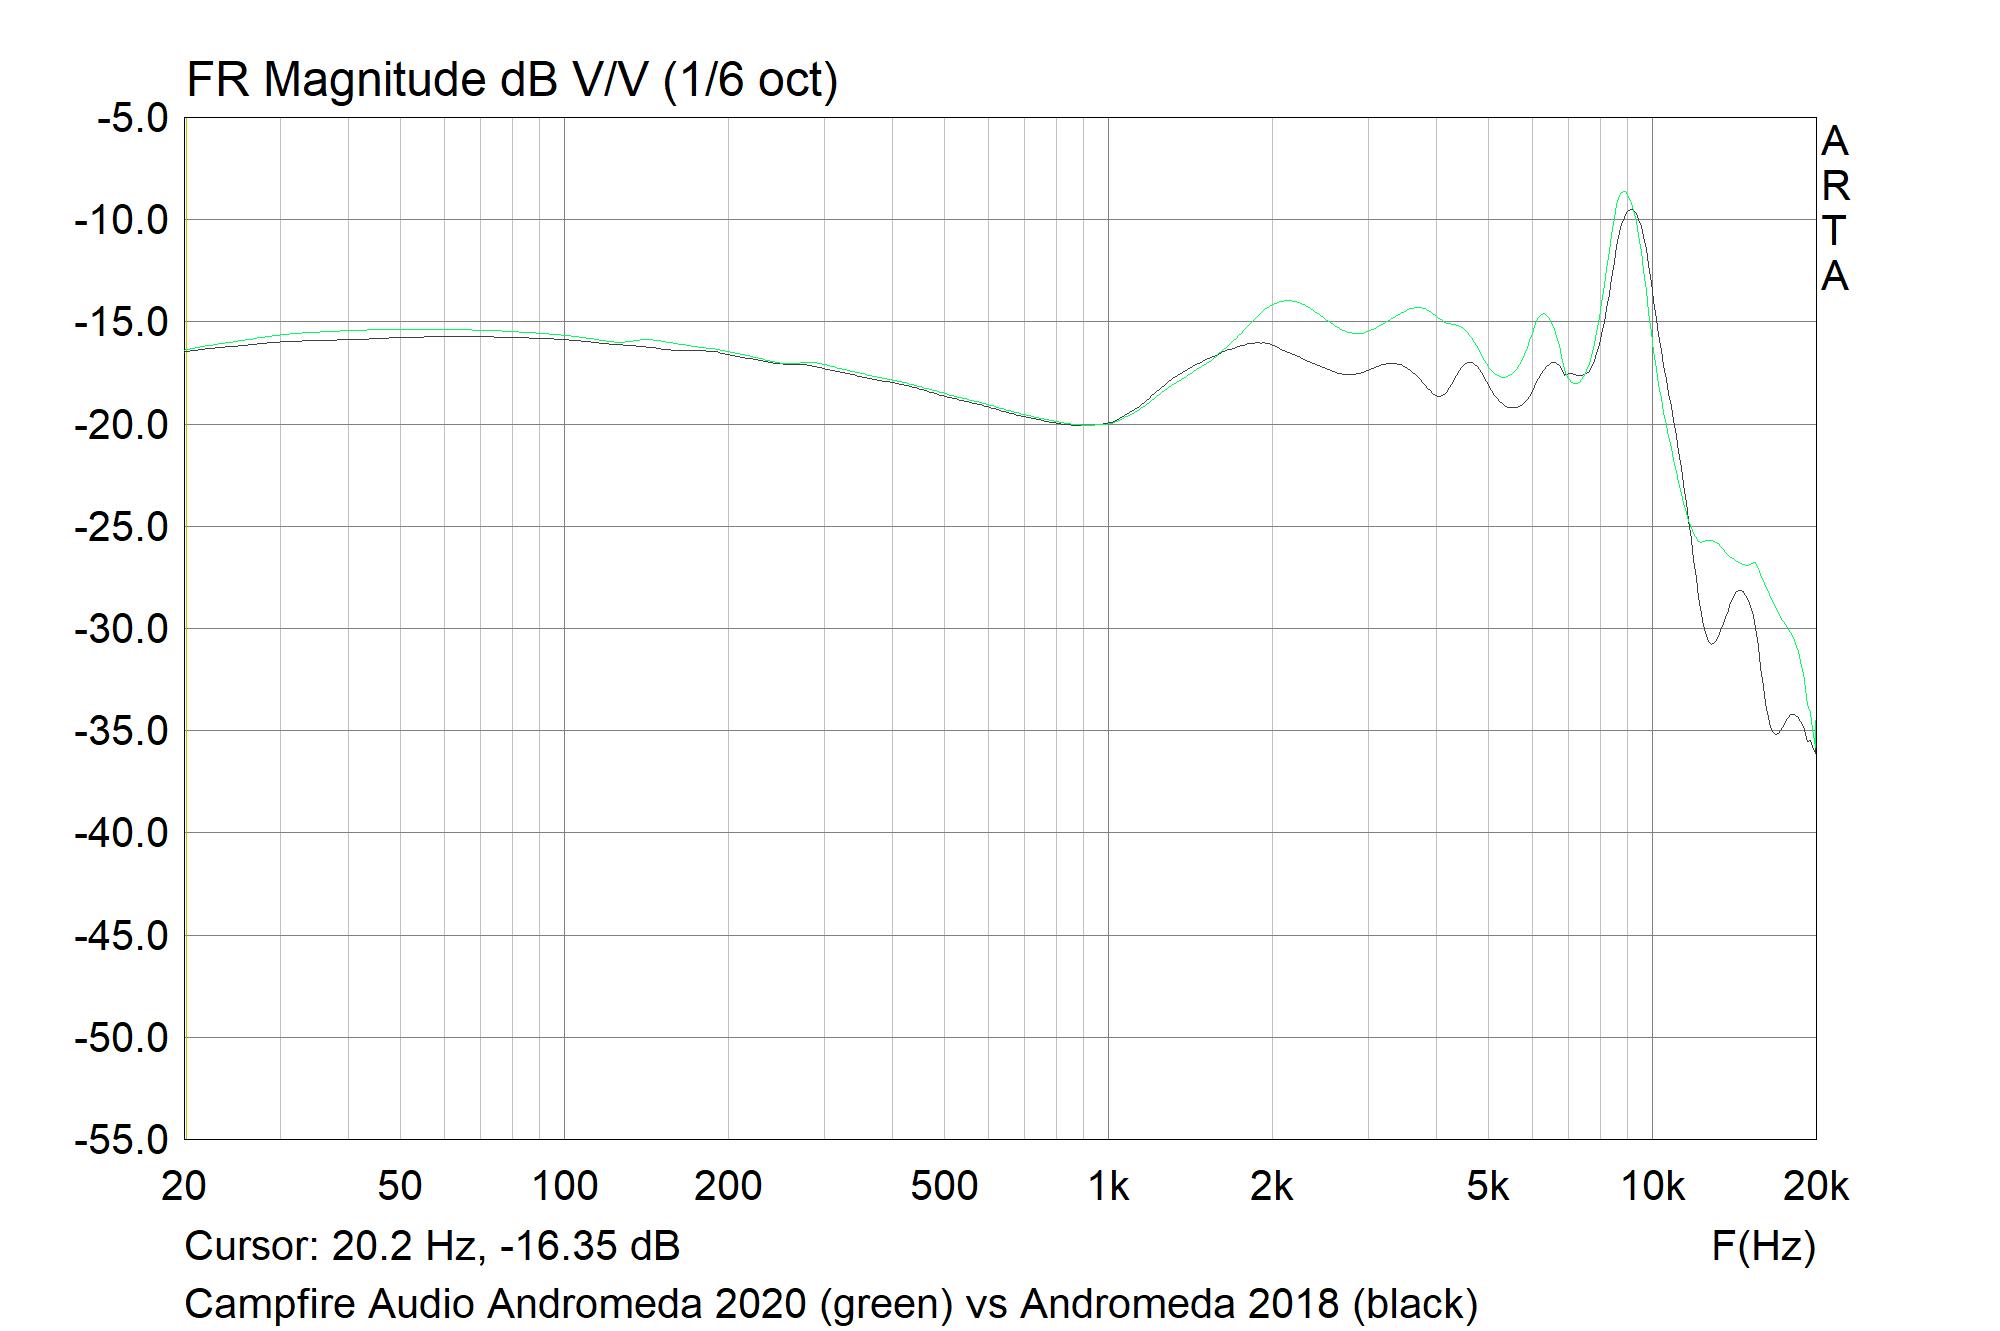 Campfire Audio Andromeda 2020 (green) vs Andromeda 2018 (black).png